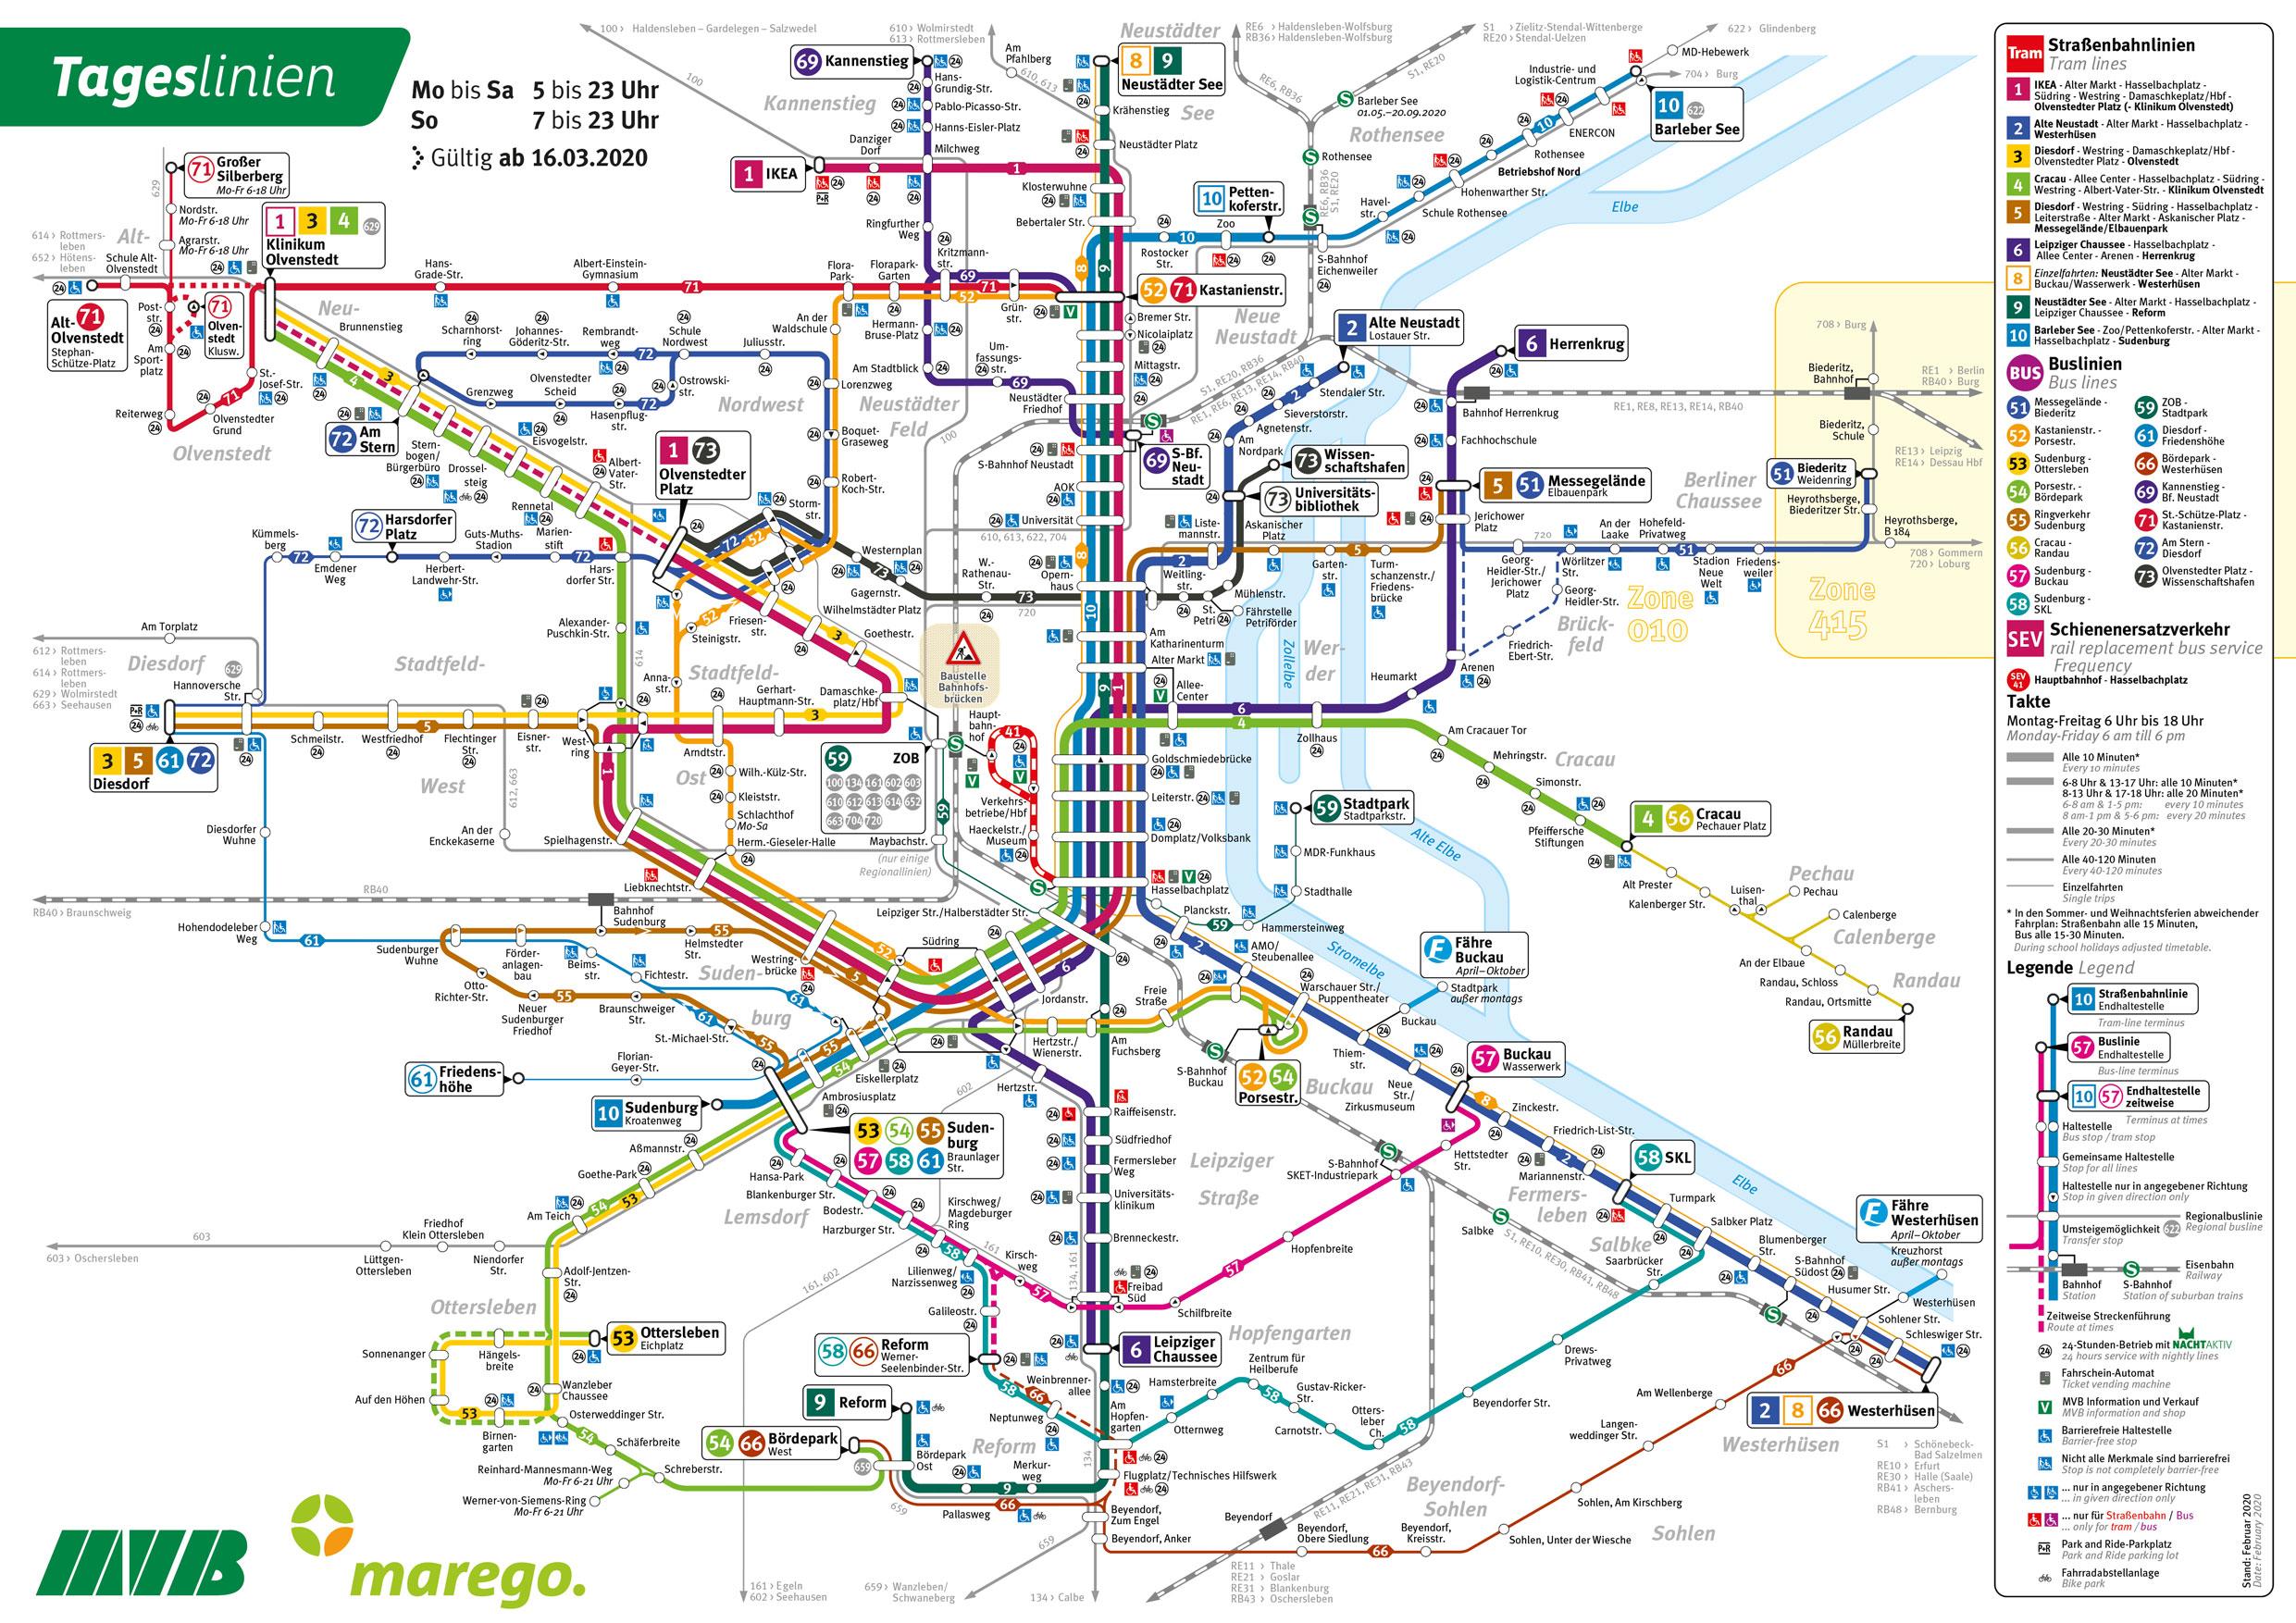 mvb fahrplan linie 2